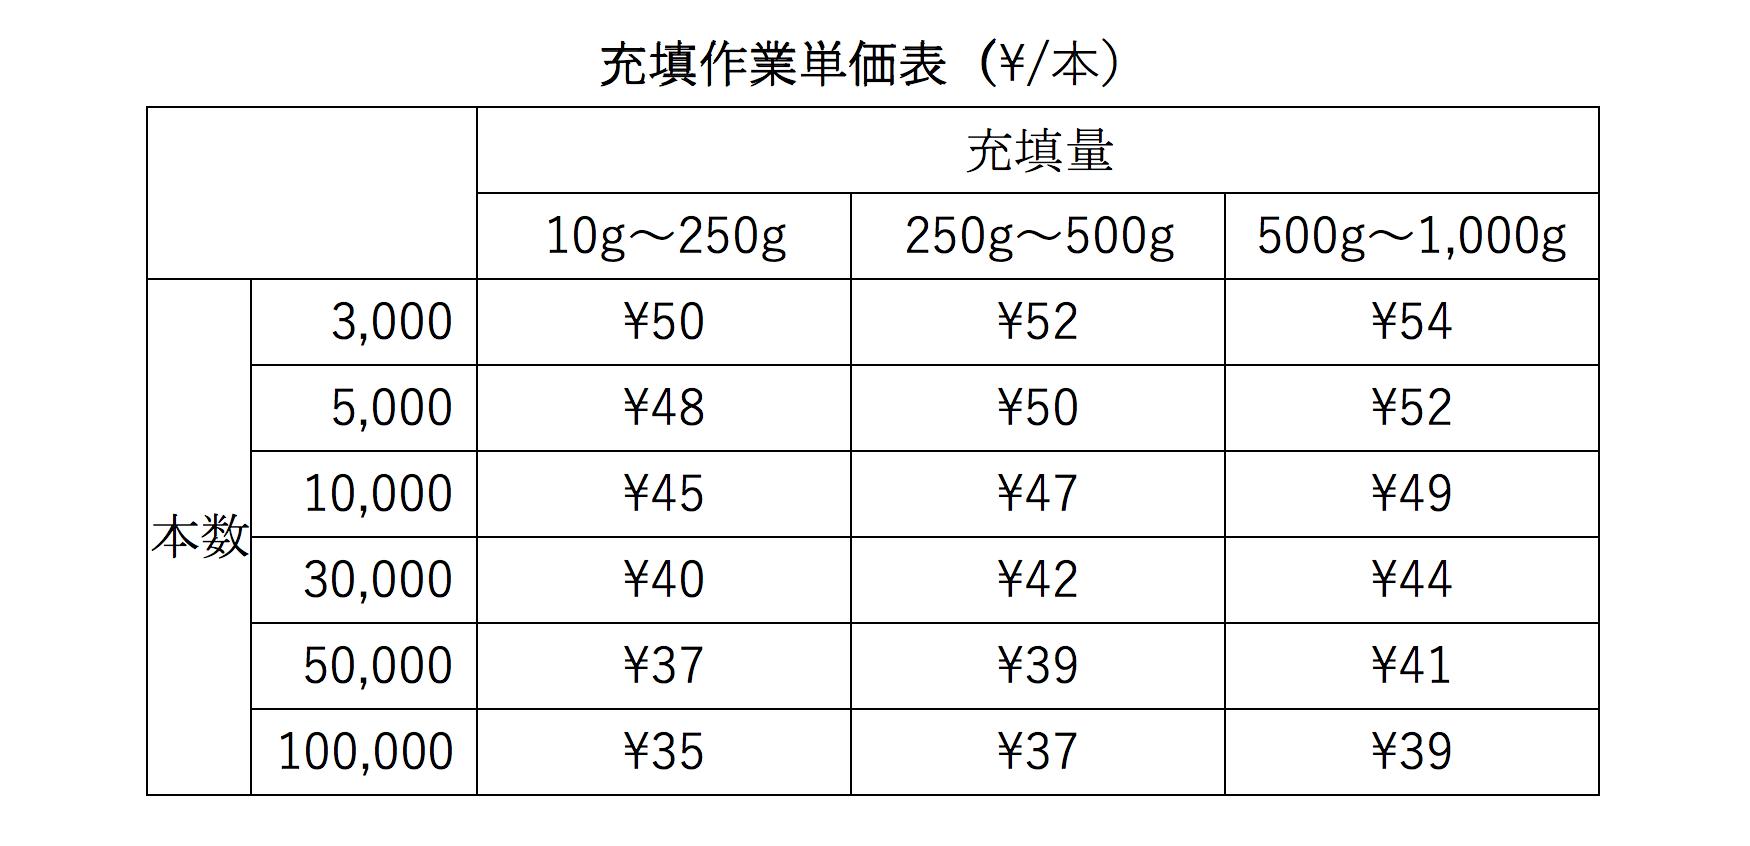 化粧品充填作業価格表